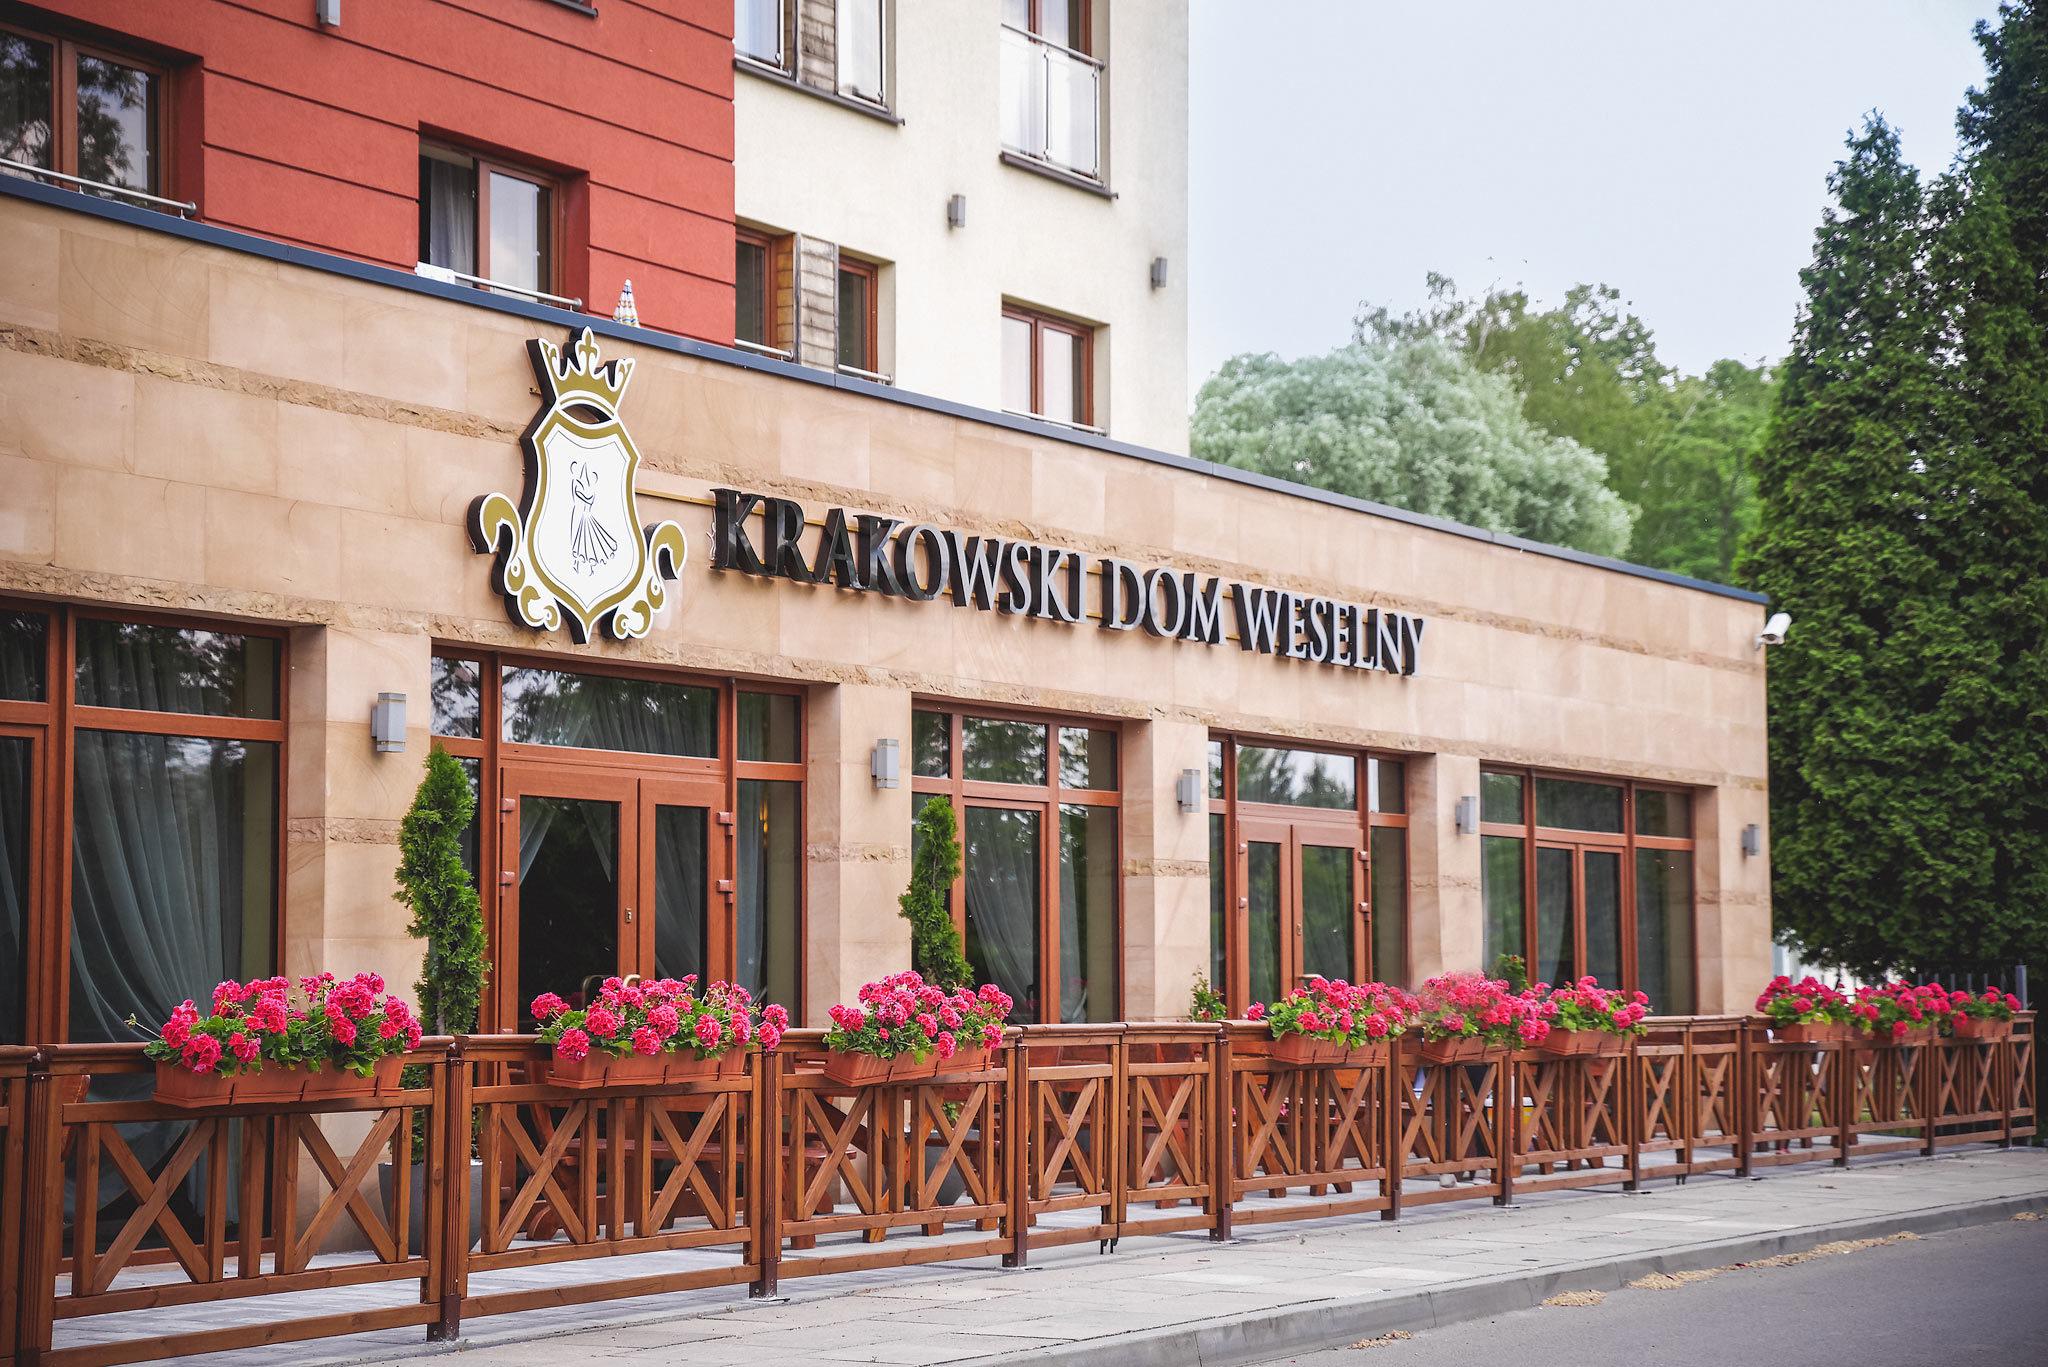 Krakowski Dom Weselny